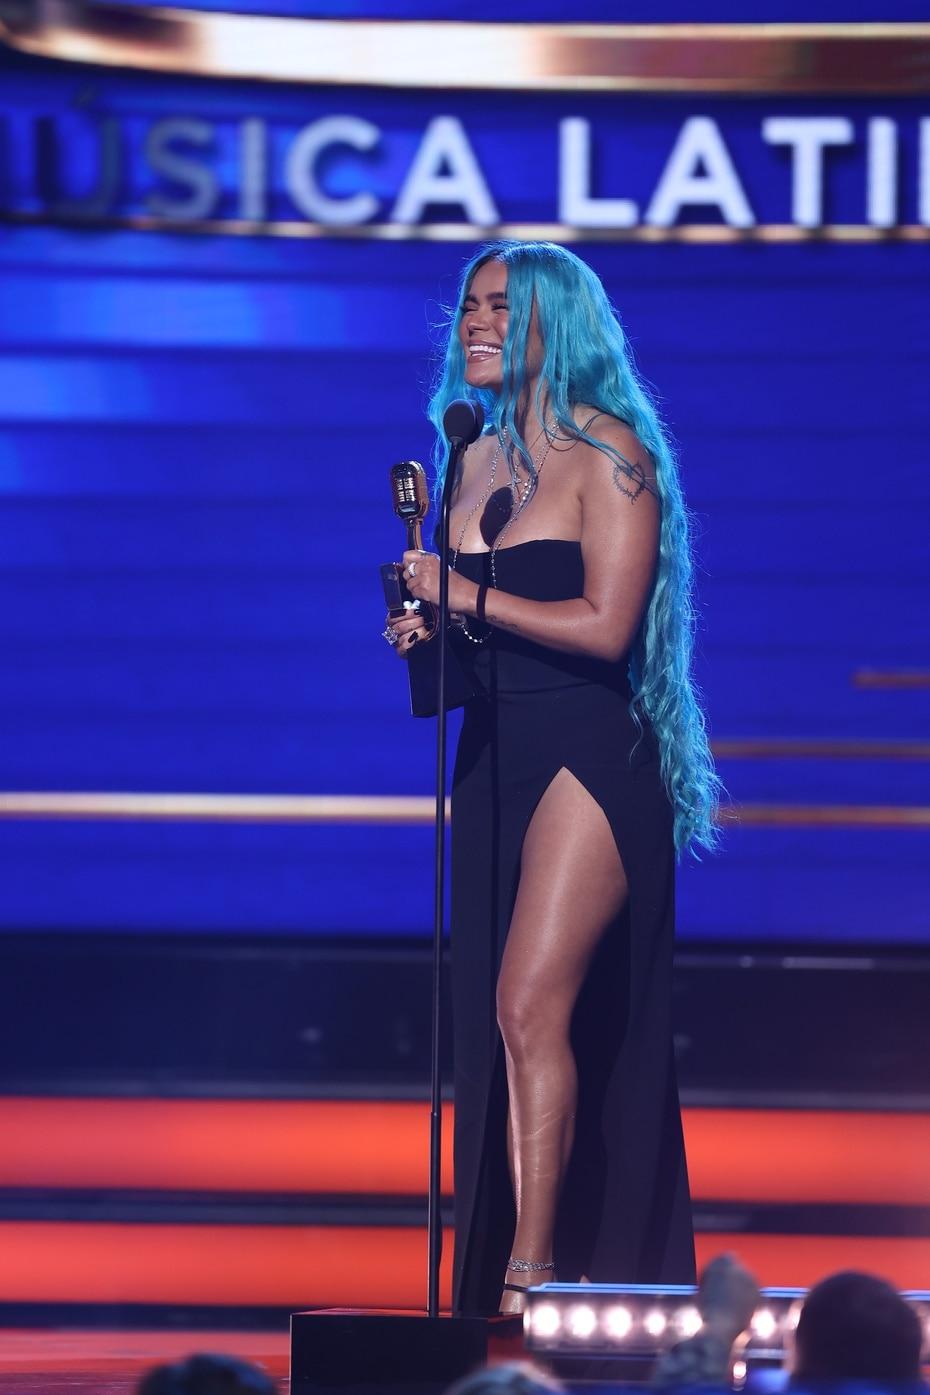 La cantante urbana colombiana Karol G se llevó el premio de artista femenina.